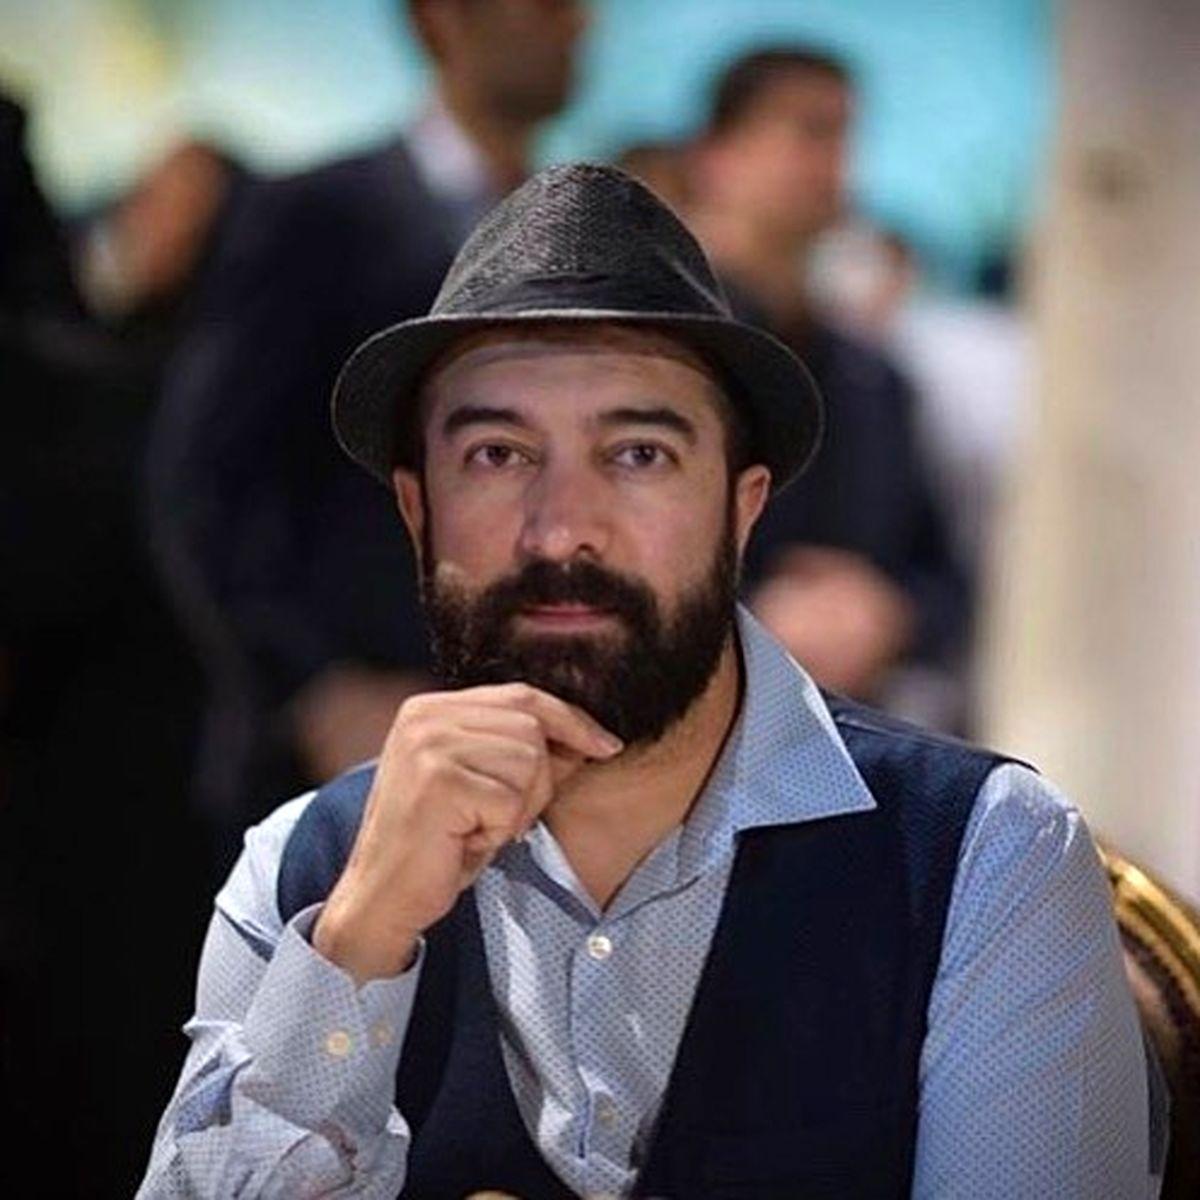 نگاه عاشقانه مجید صالحی به همسرش + تصاویر جدید مجید صالحی در اینستاگرام